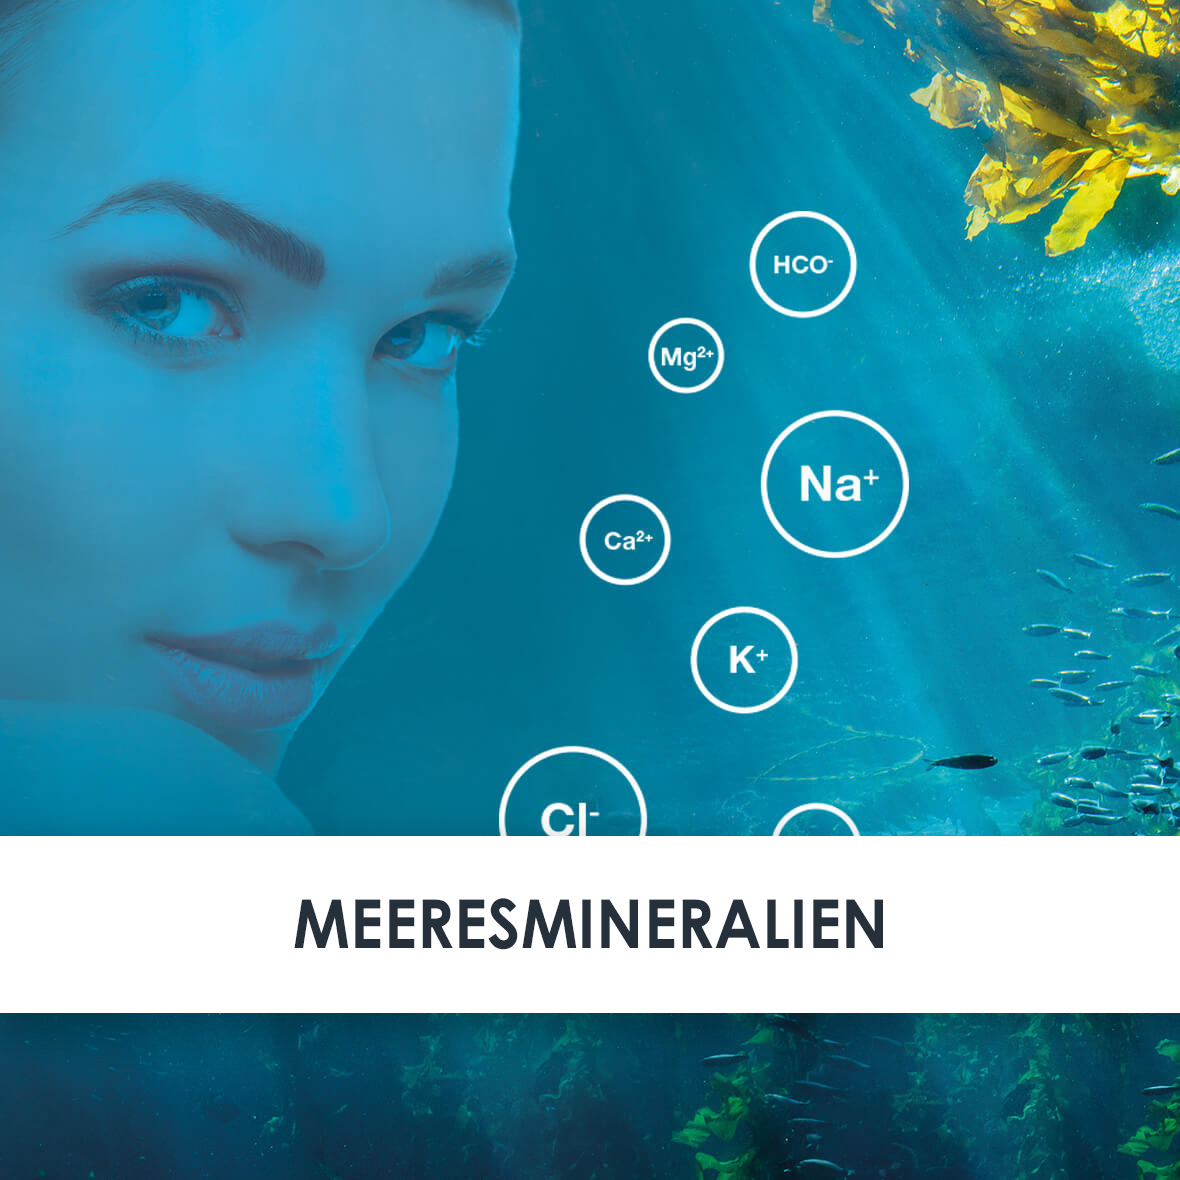 Wirkstoff Meeresmineralien